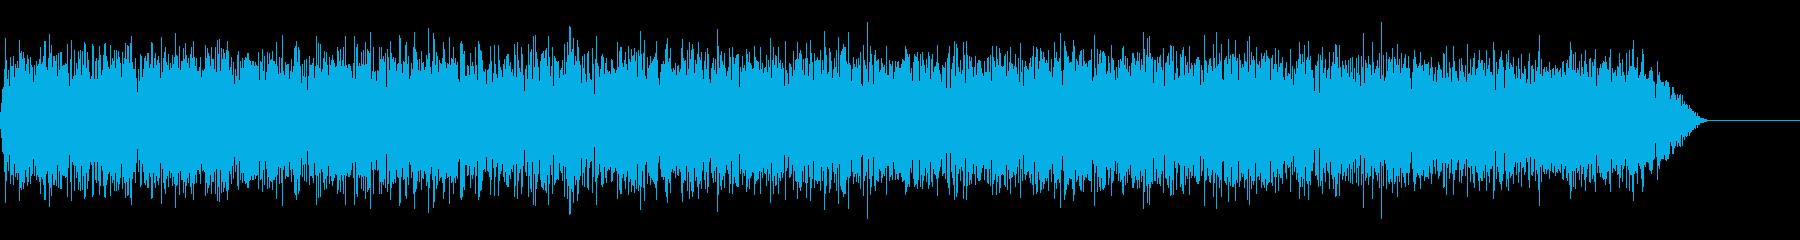 シャー!(ホワイトノイズ/レーザー/斬撃の再生済みの波形